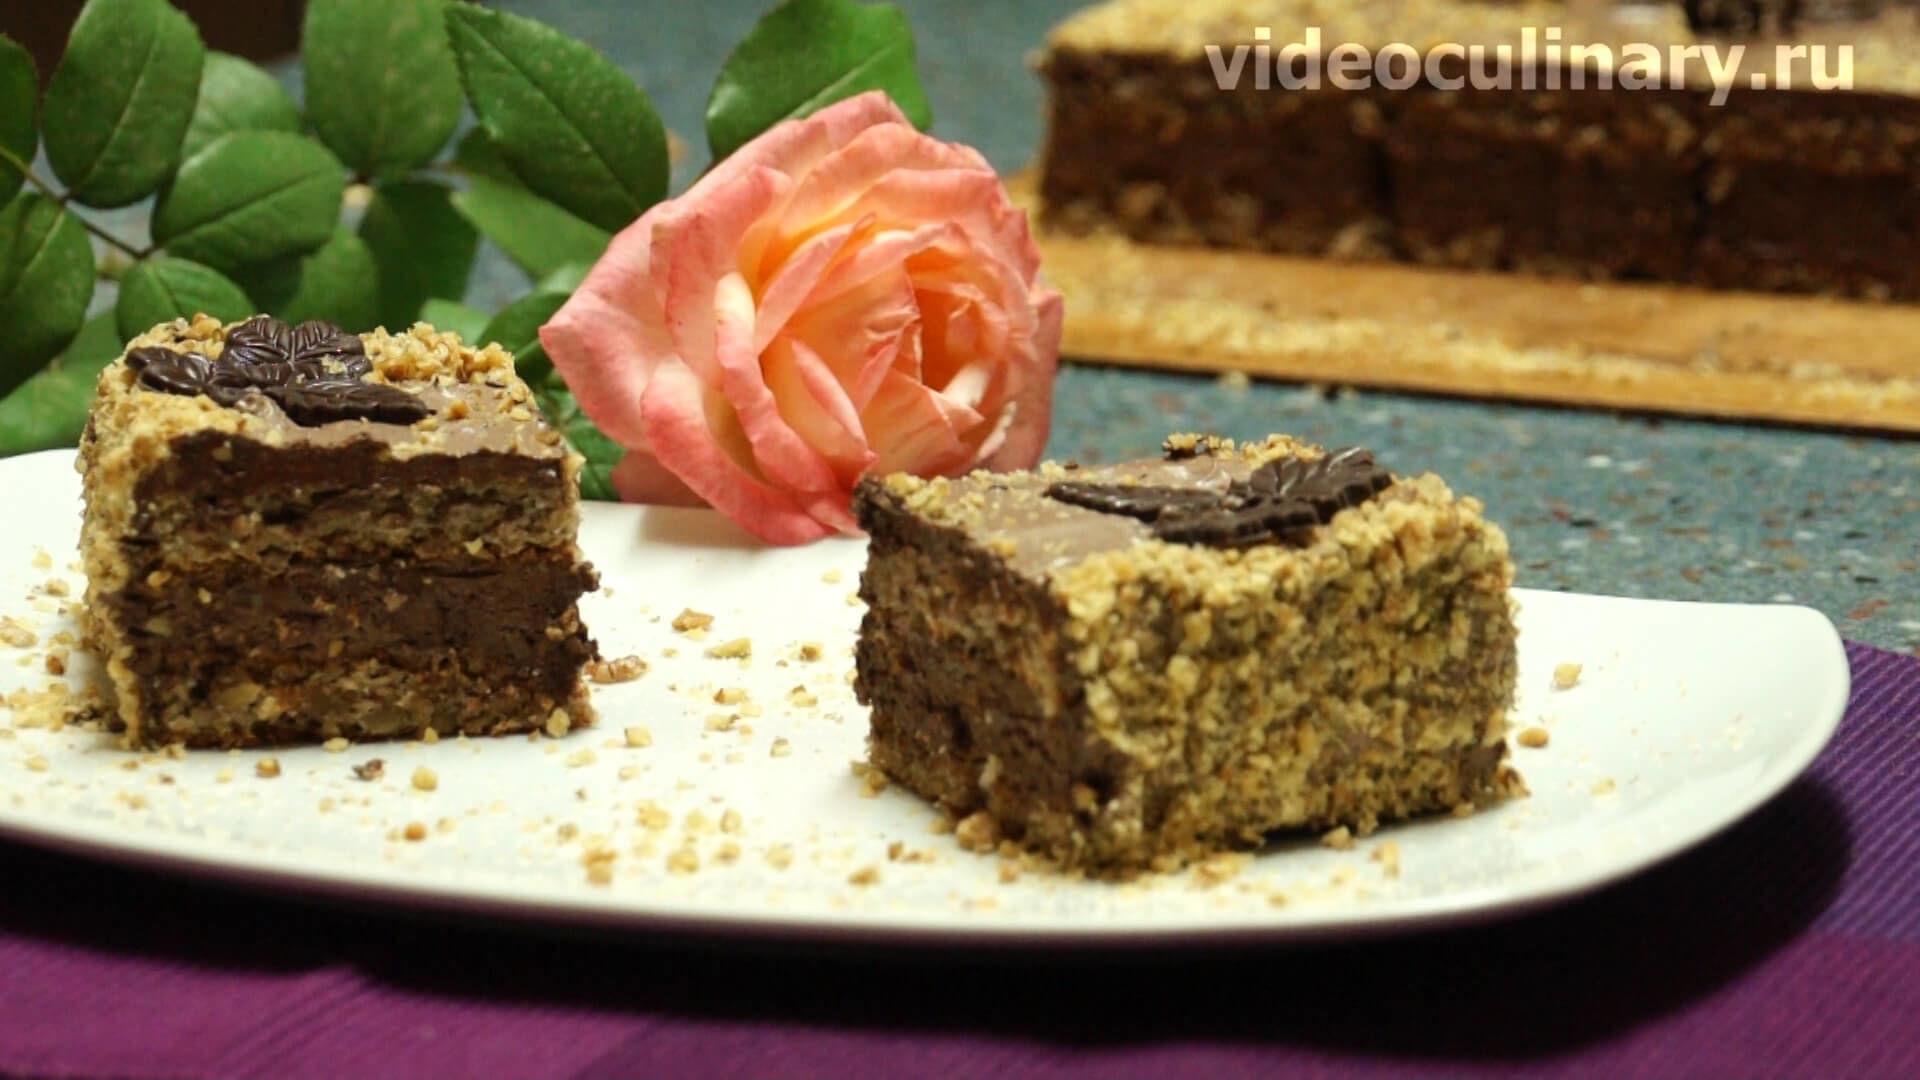 рецепт с фото шоколадного торта